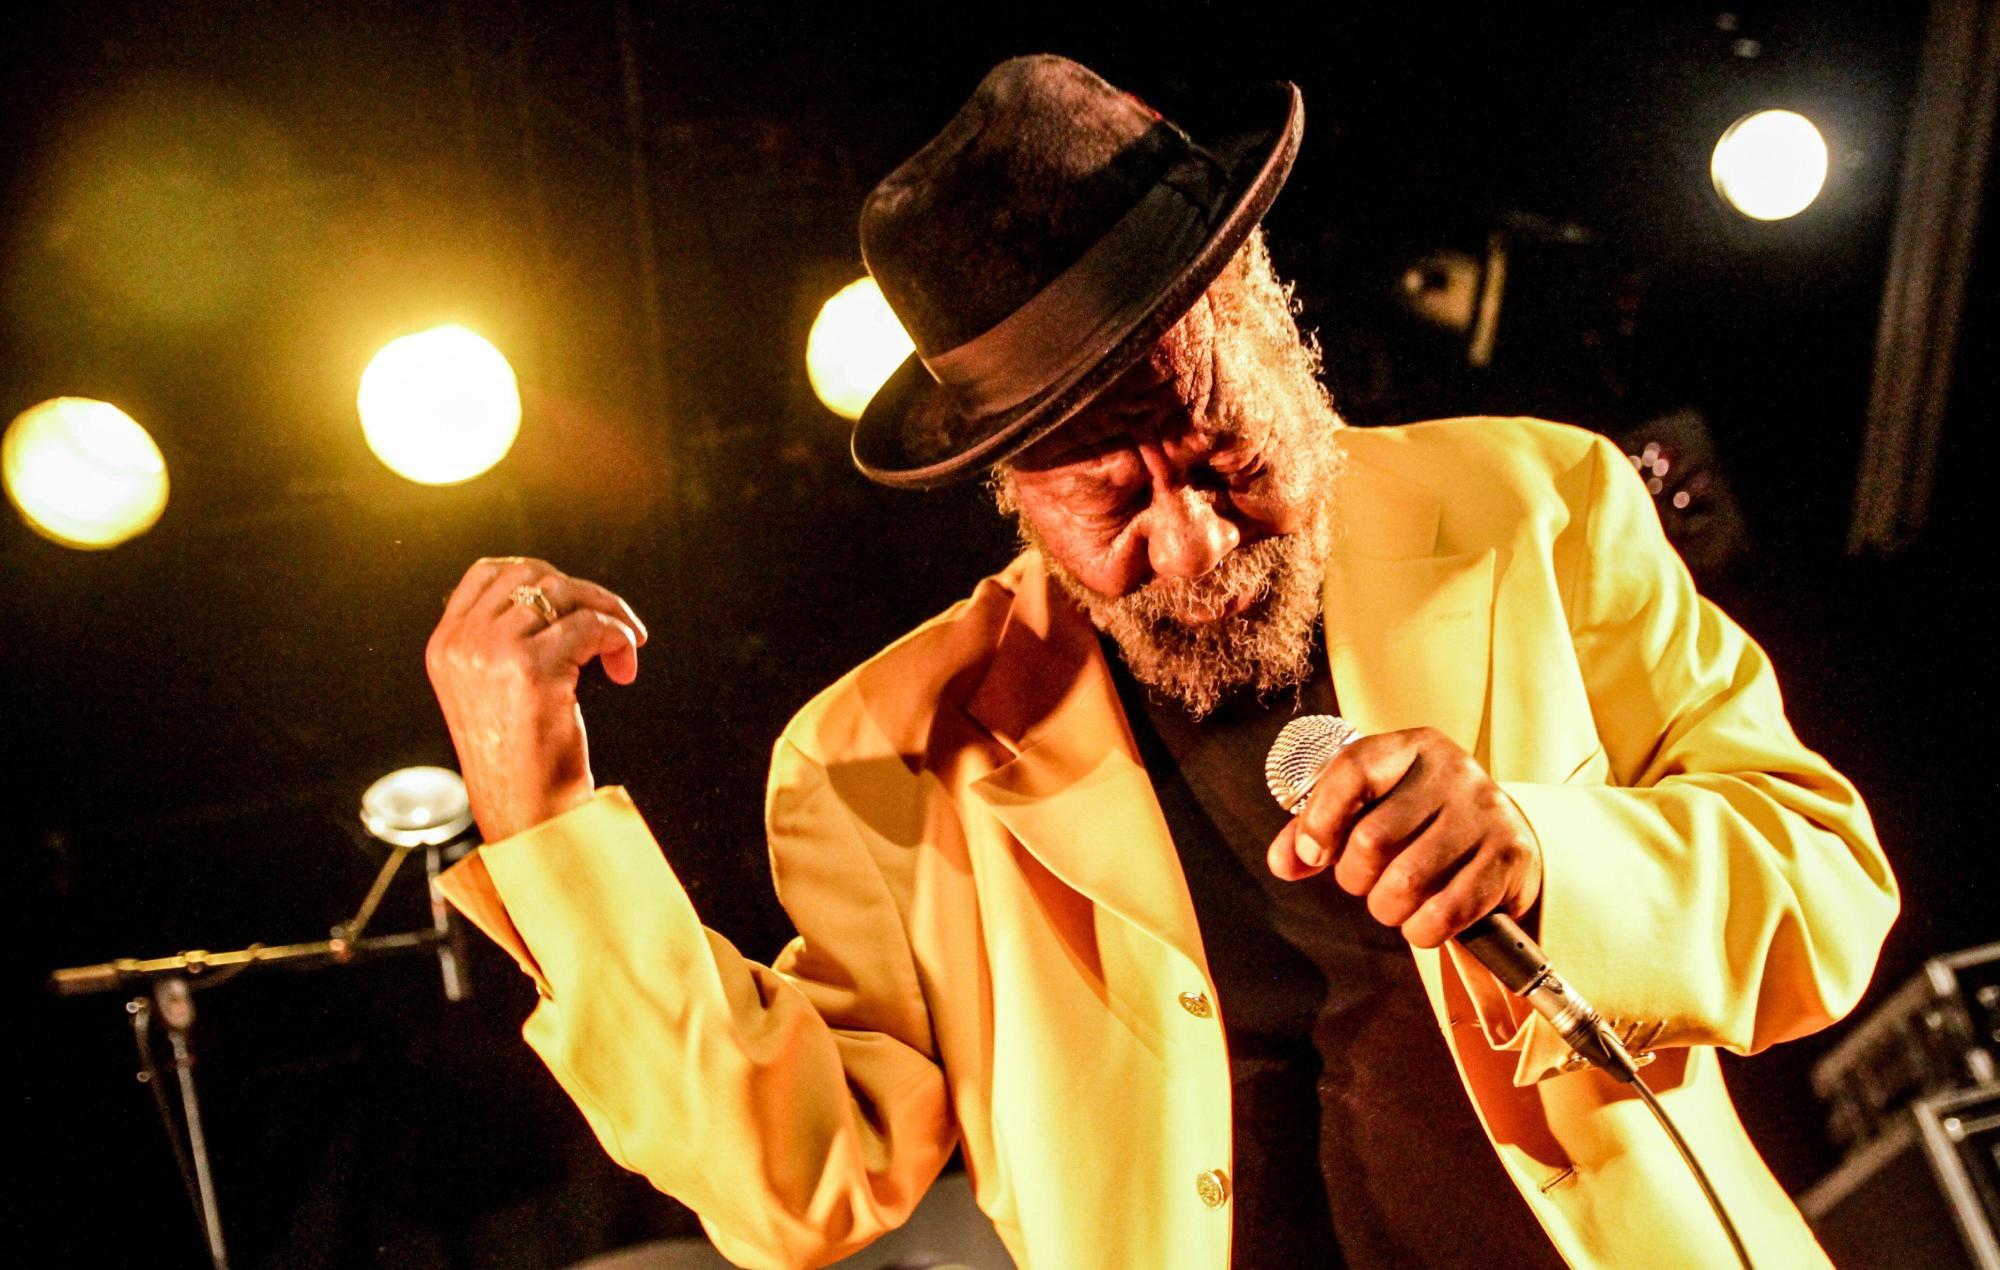 Posthumuous U-Roy album 'Solid Gold U-Roy' announced